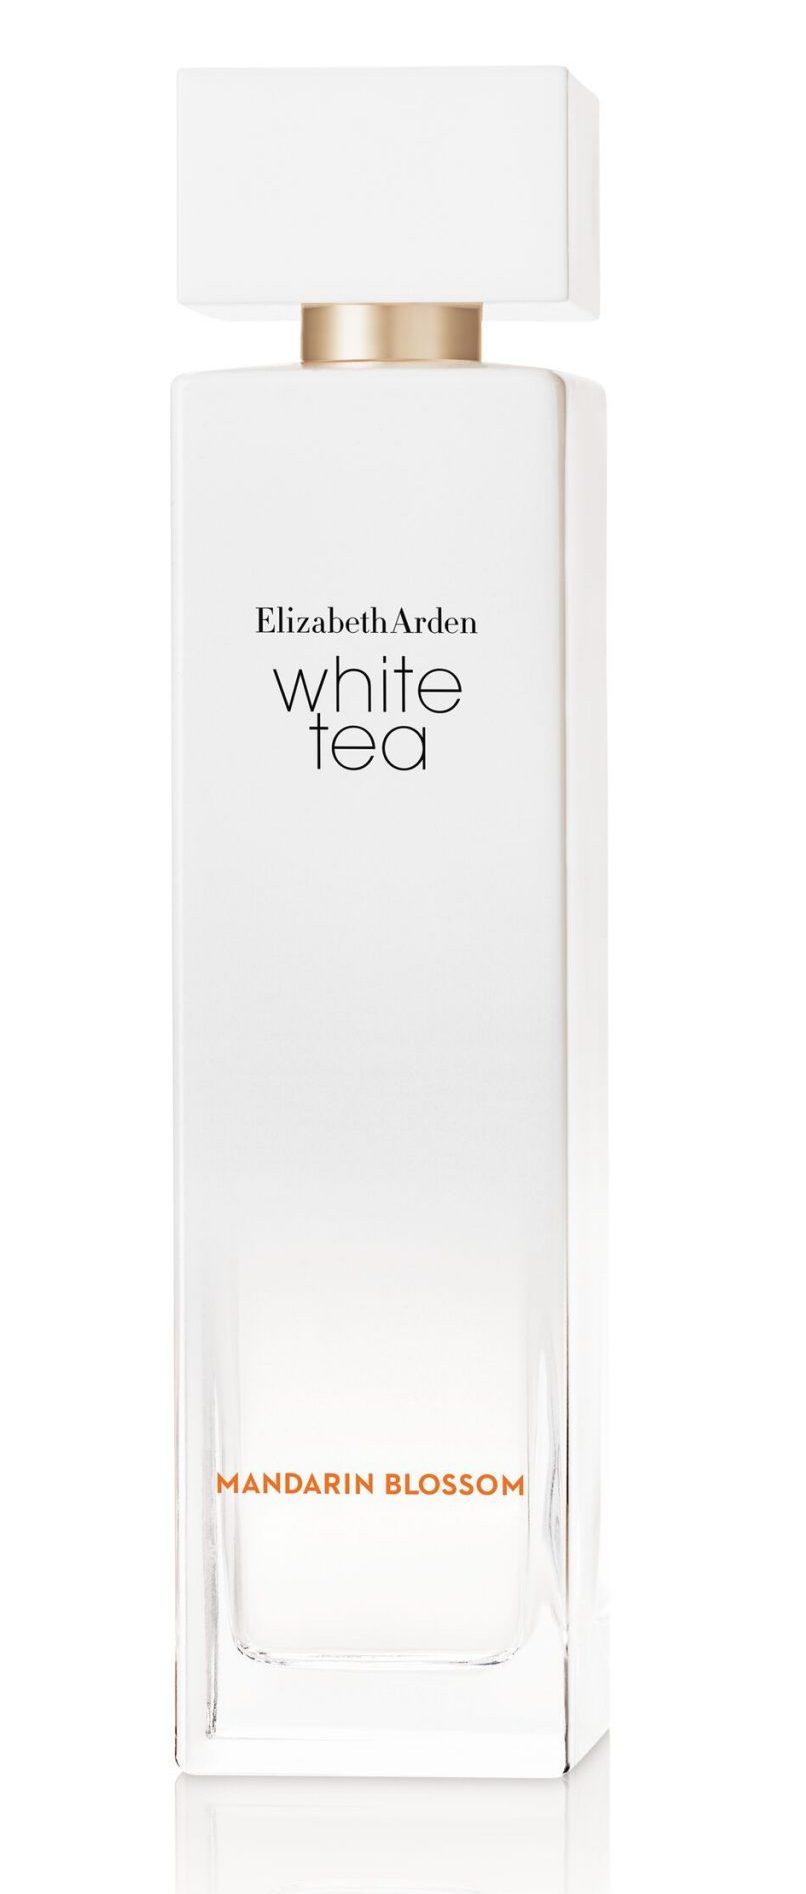 ELIZABETH_ARDEN_WHITE_TEA_MANDARIN_BLOSSOM